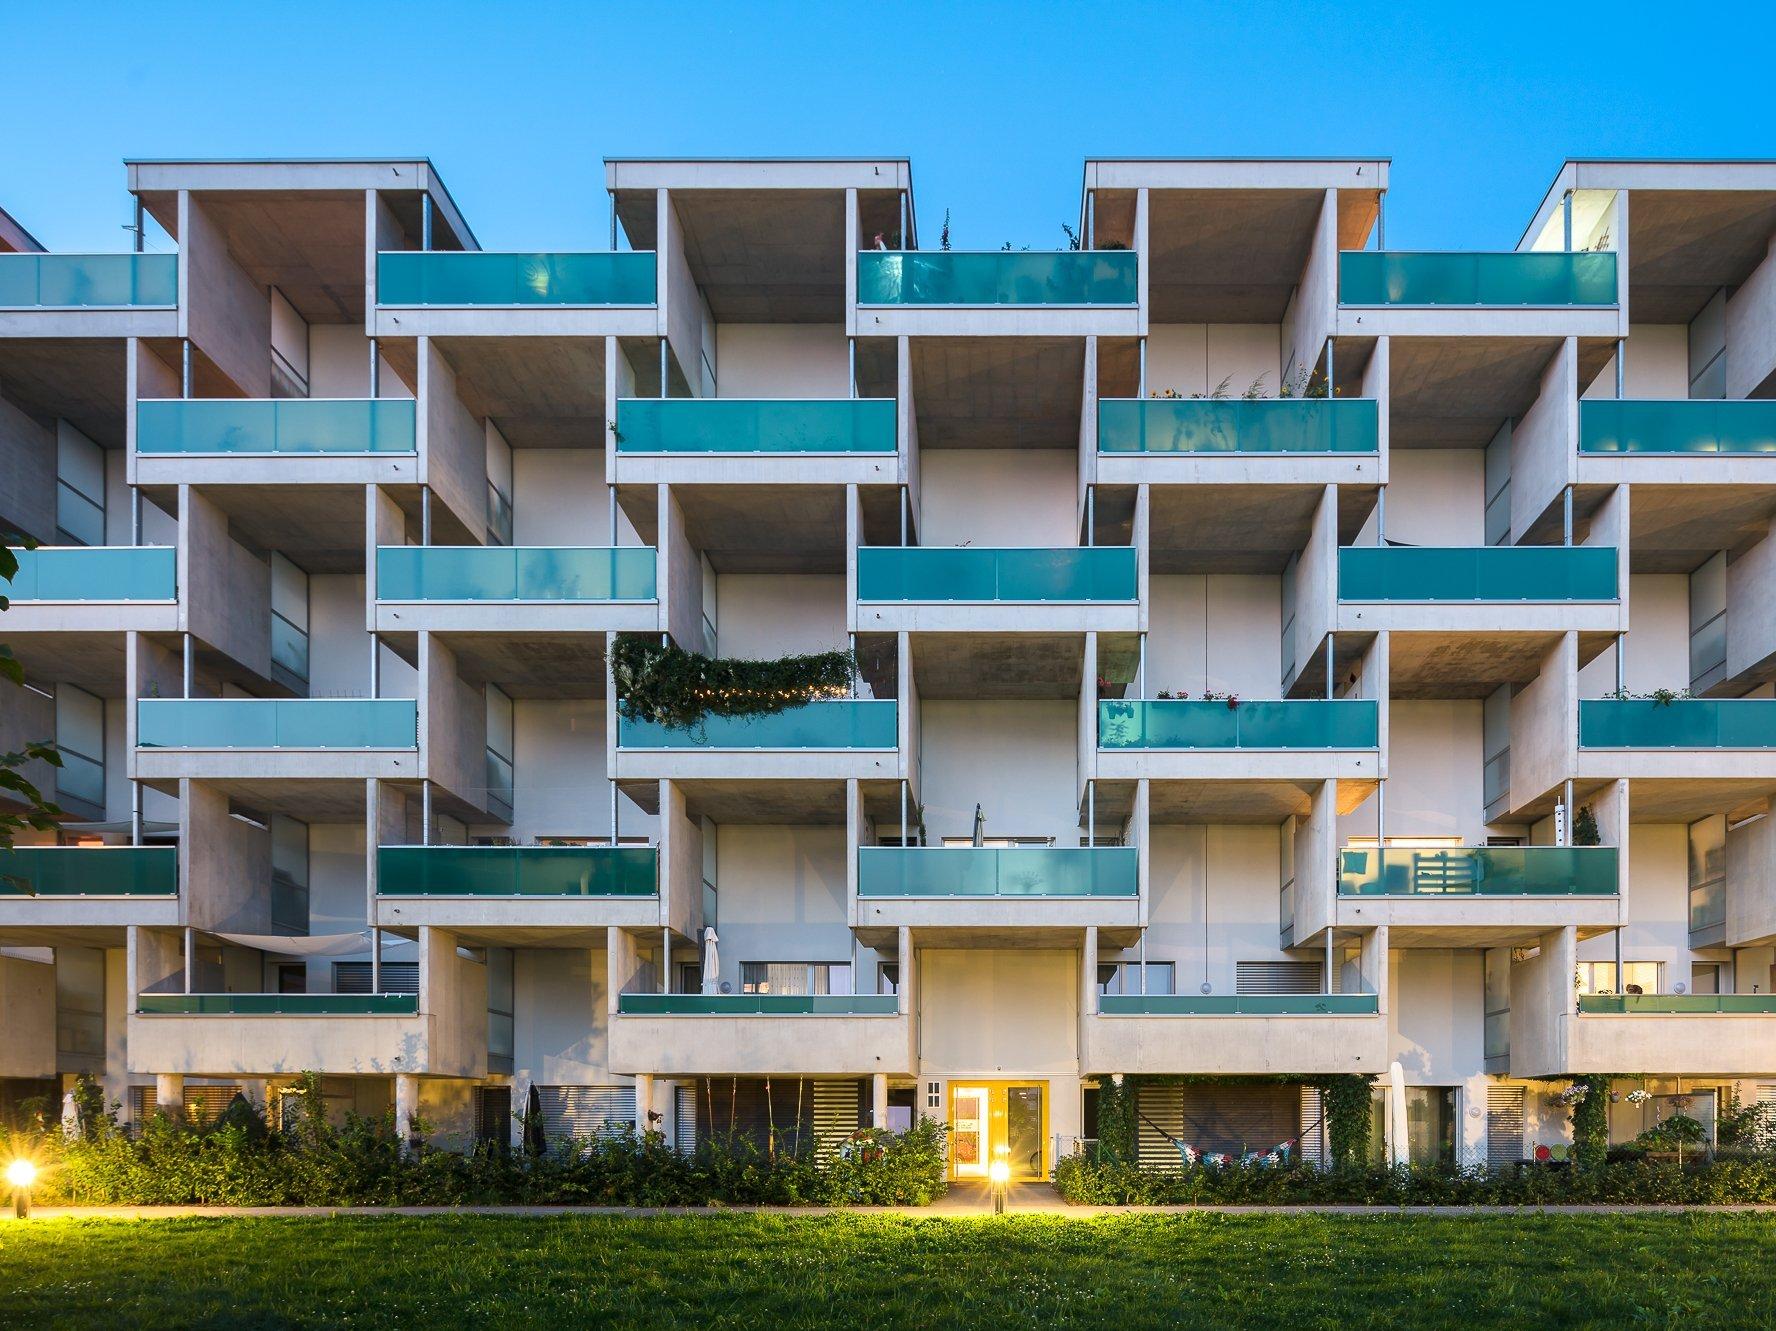 Grüne Mitte, Linz drexel architekten